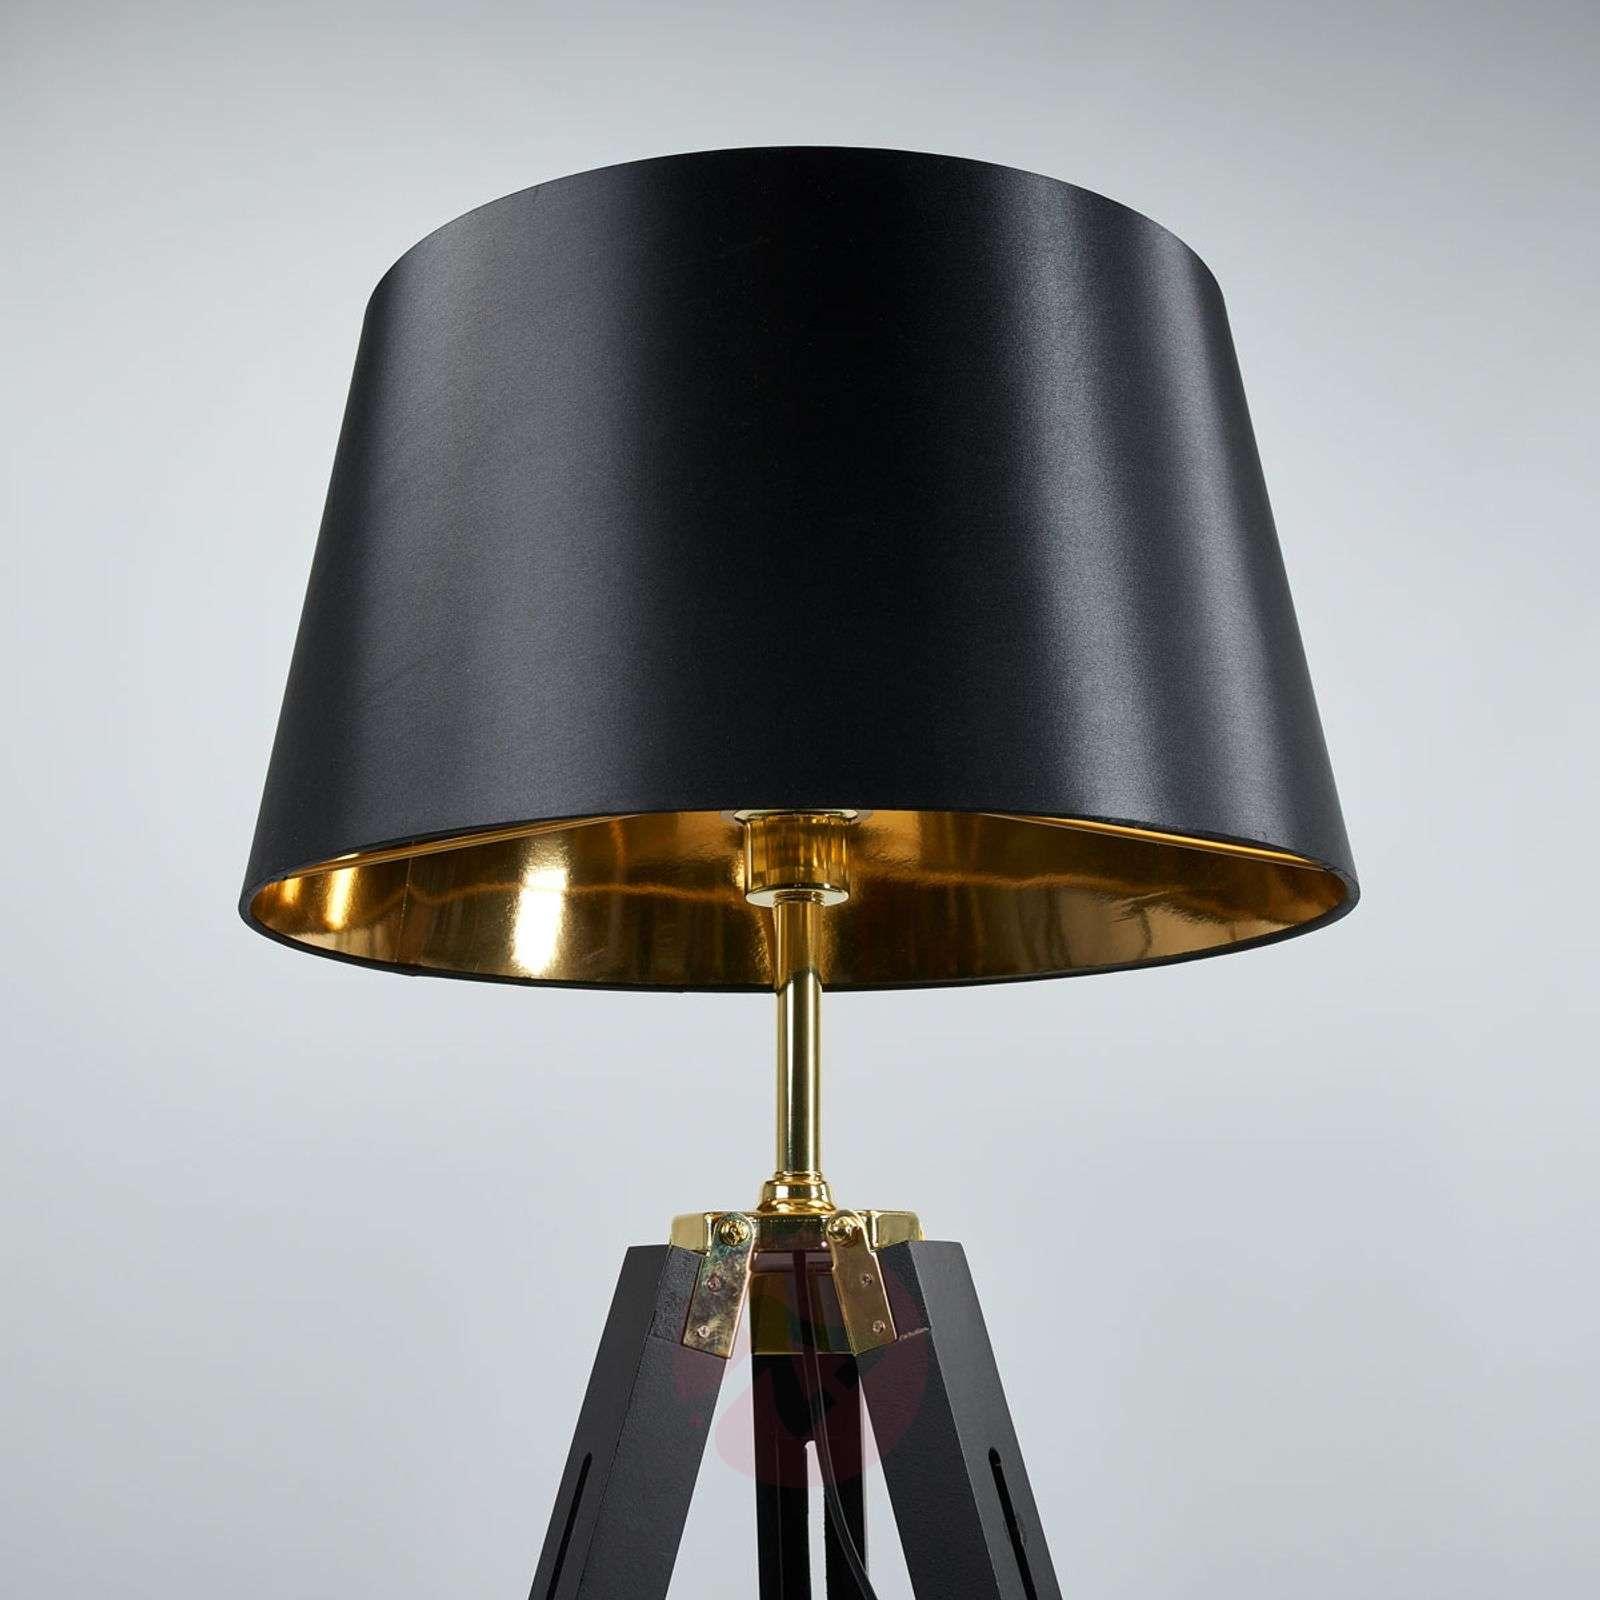 Musta Ellinor-lattiavalaisin, kolmijalkainen runko-8032110-02